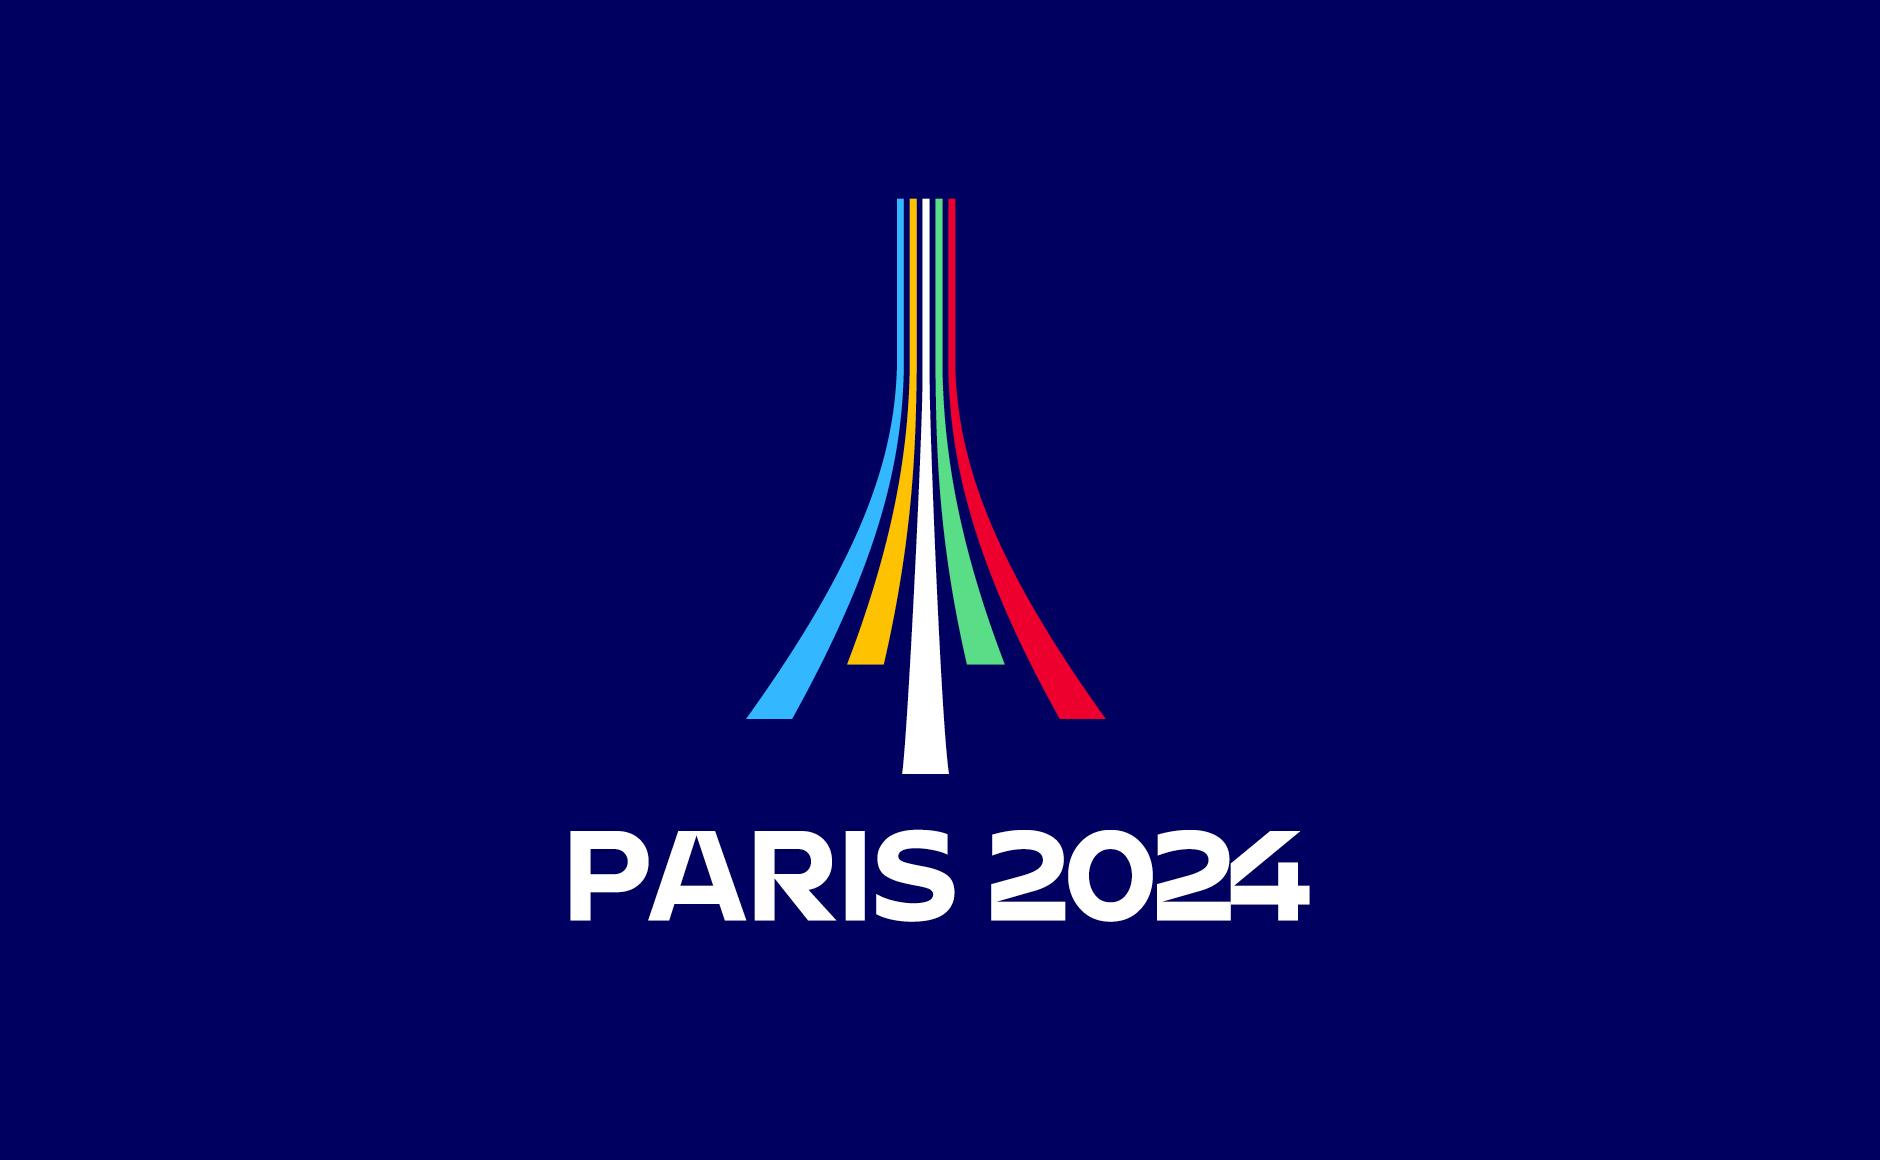 Logo Paris 2014 Jeux Olympiques Graphéine